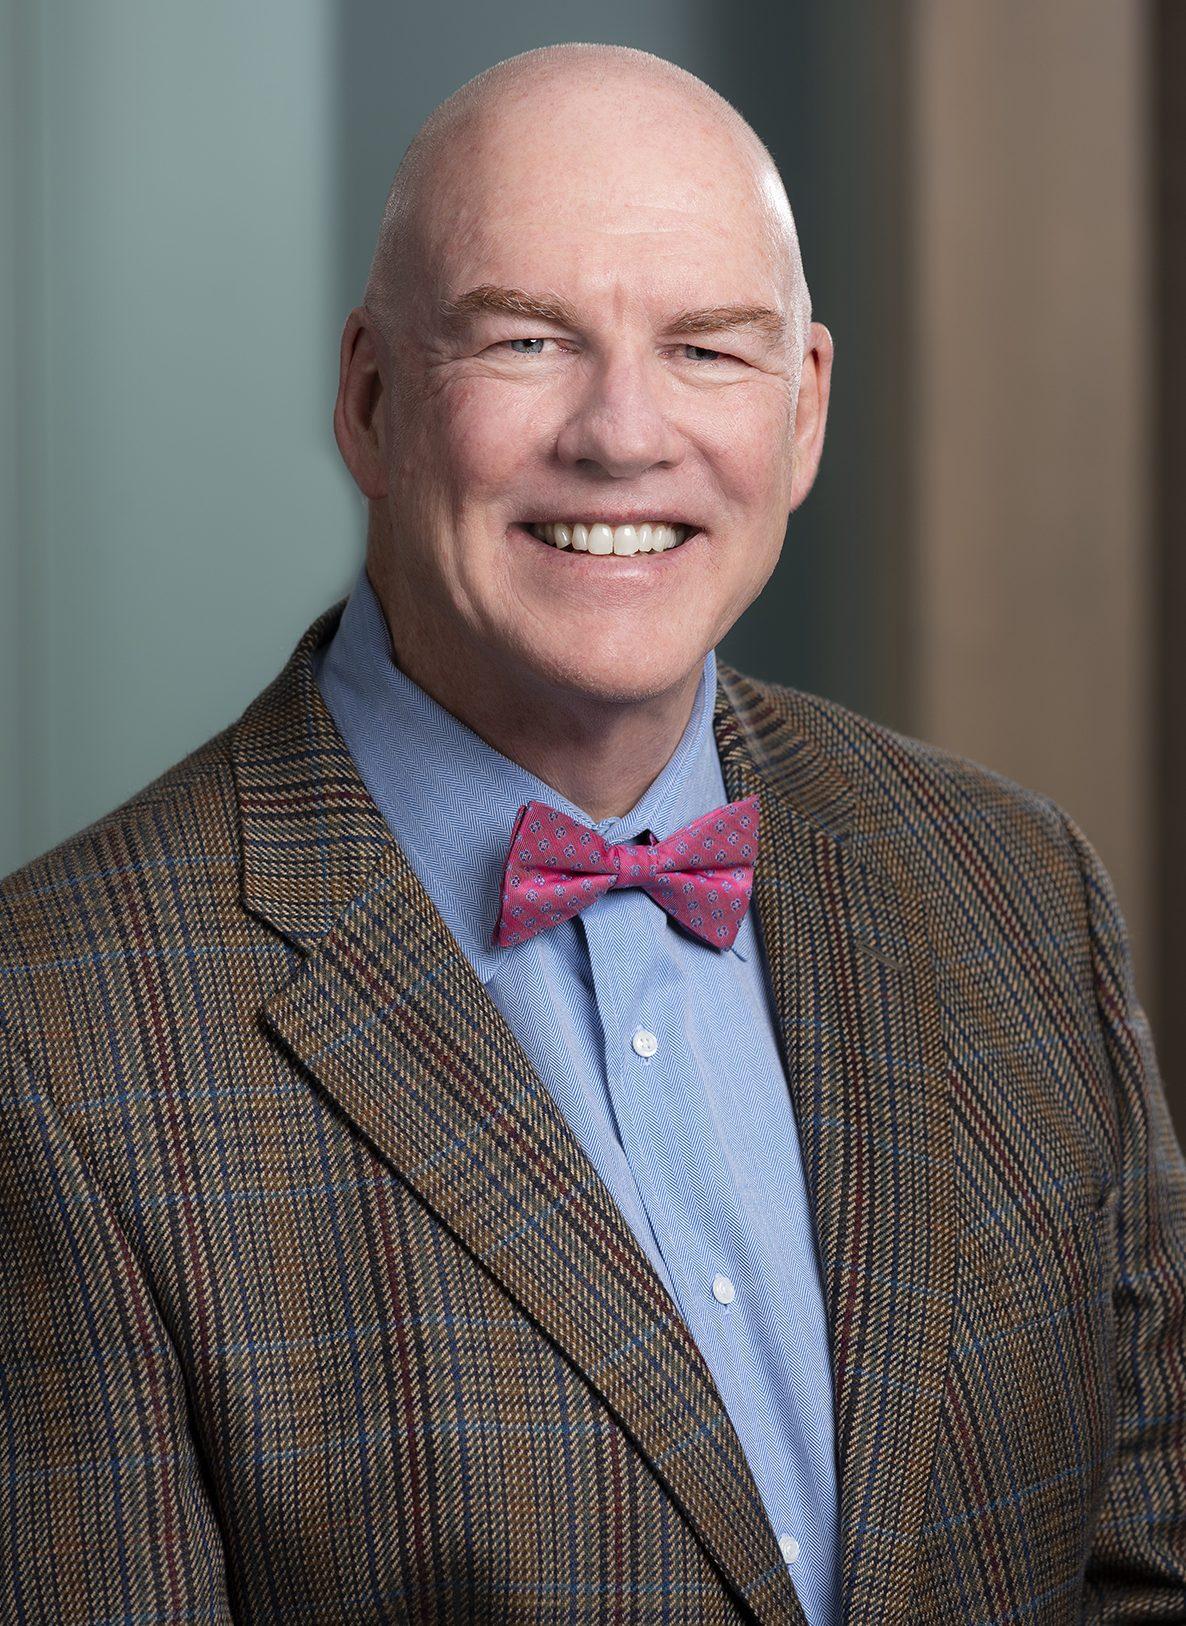 Douglas W. Swartz